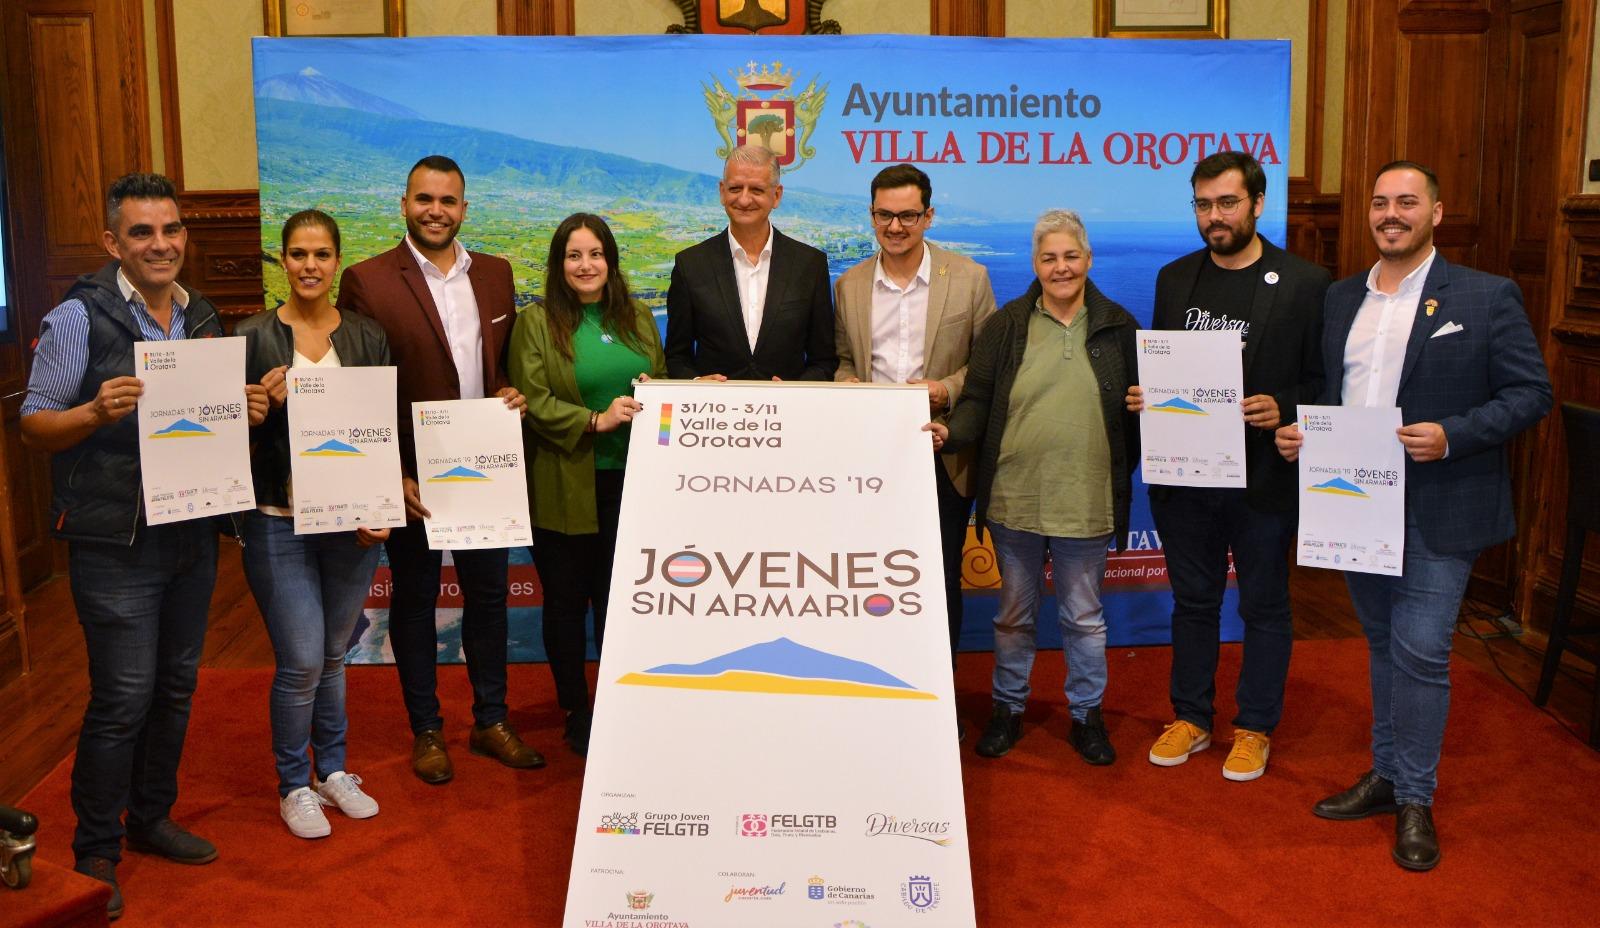 El Valle de La Orotava, en Tenerife, acoge las Jornadas Jóvenes Sin Armarios: referente del discurso joven LGTBI de todo el país